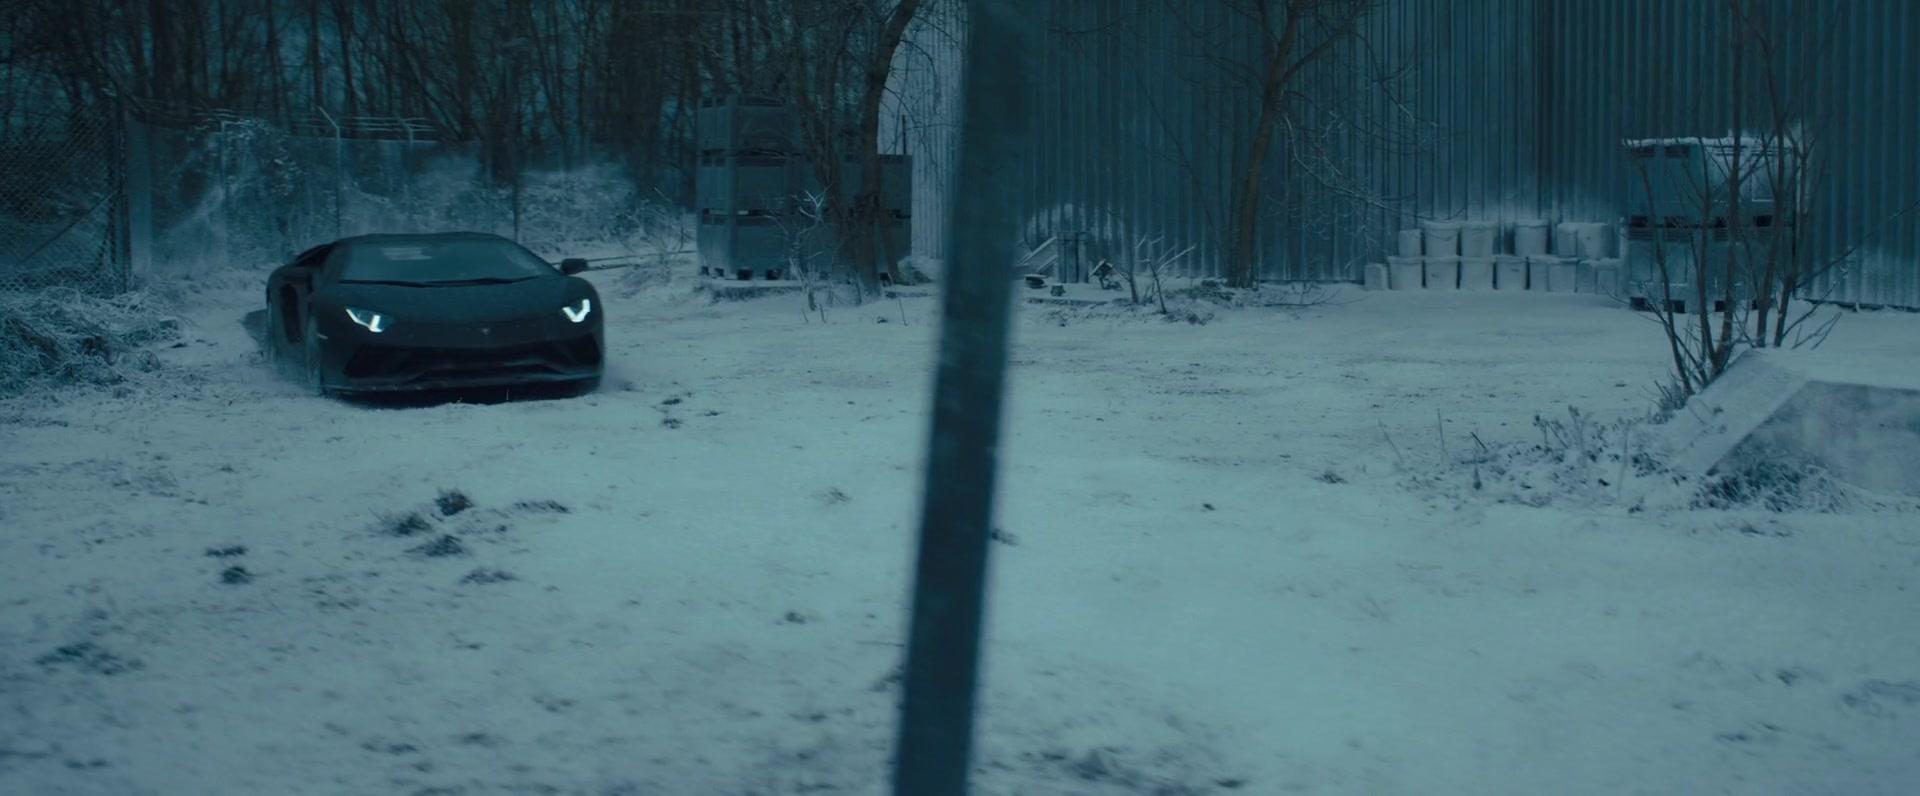 Lamborghini Aventador Sports Car In The Girl In The Spider